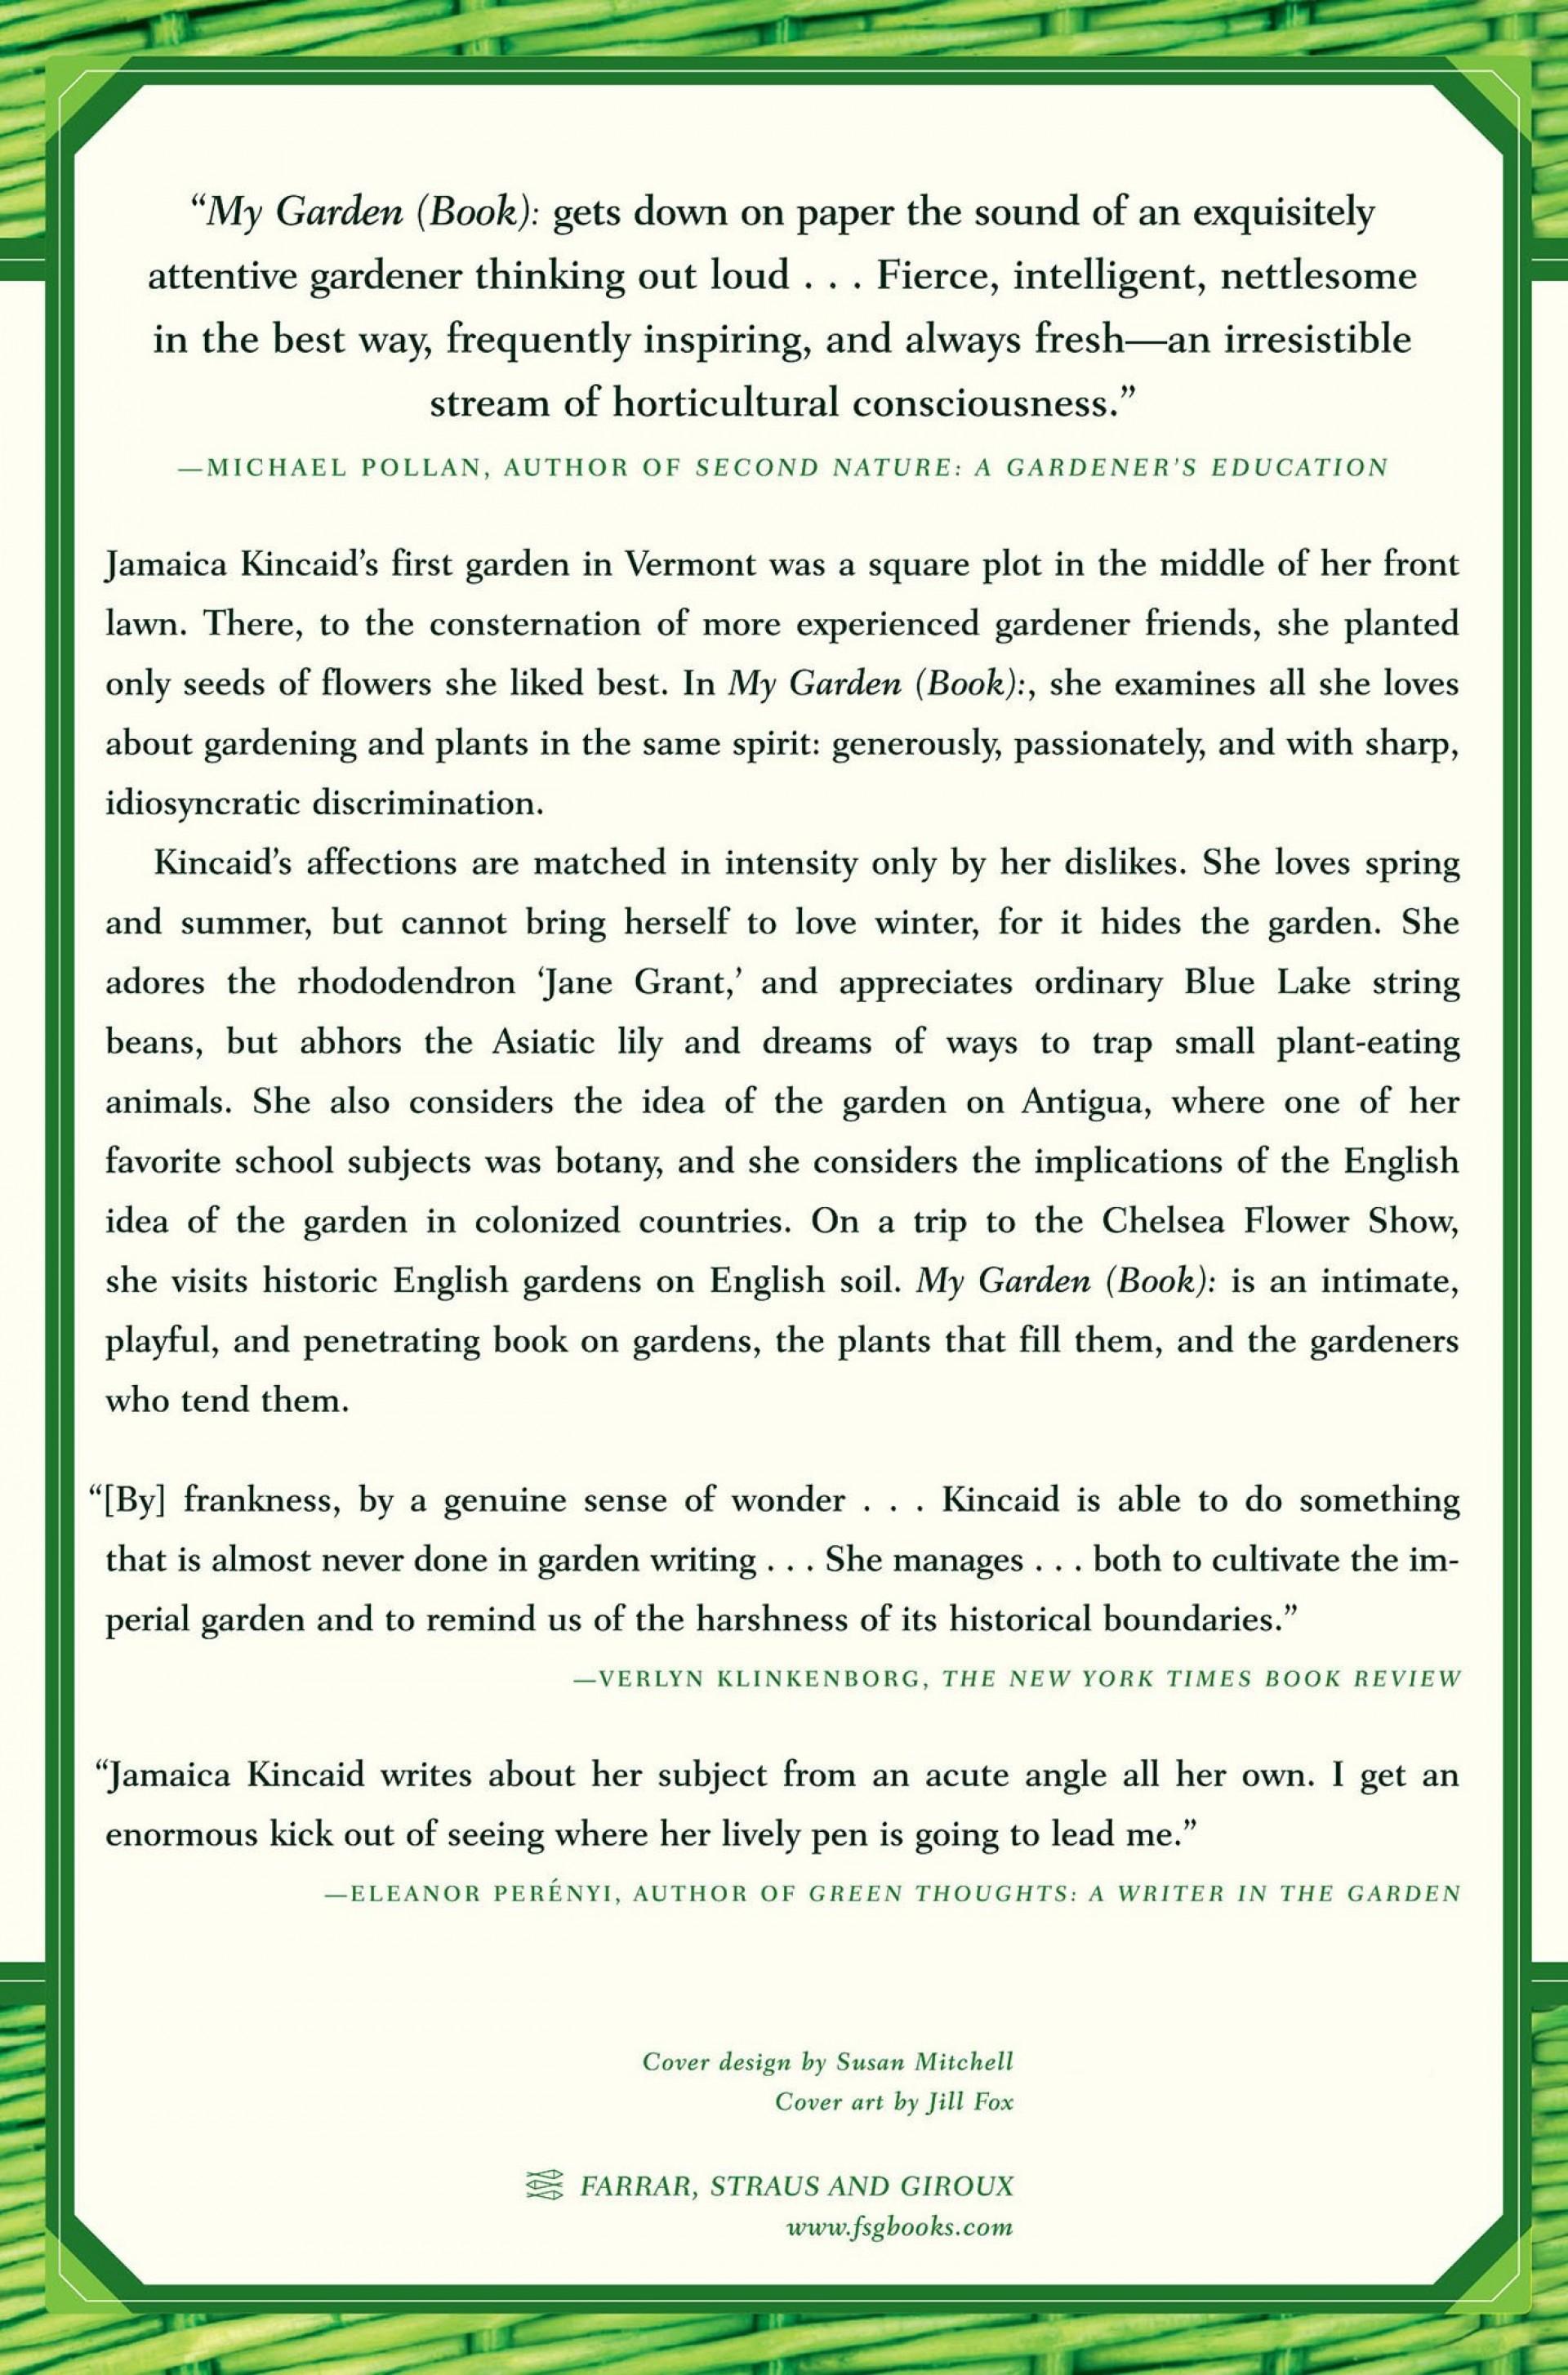 021 Essay Example Girl By Jamaica Kincaid 81g Marvelous 1920